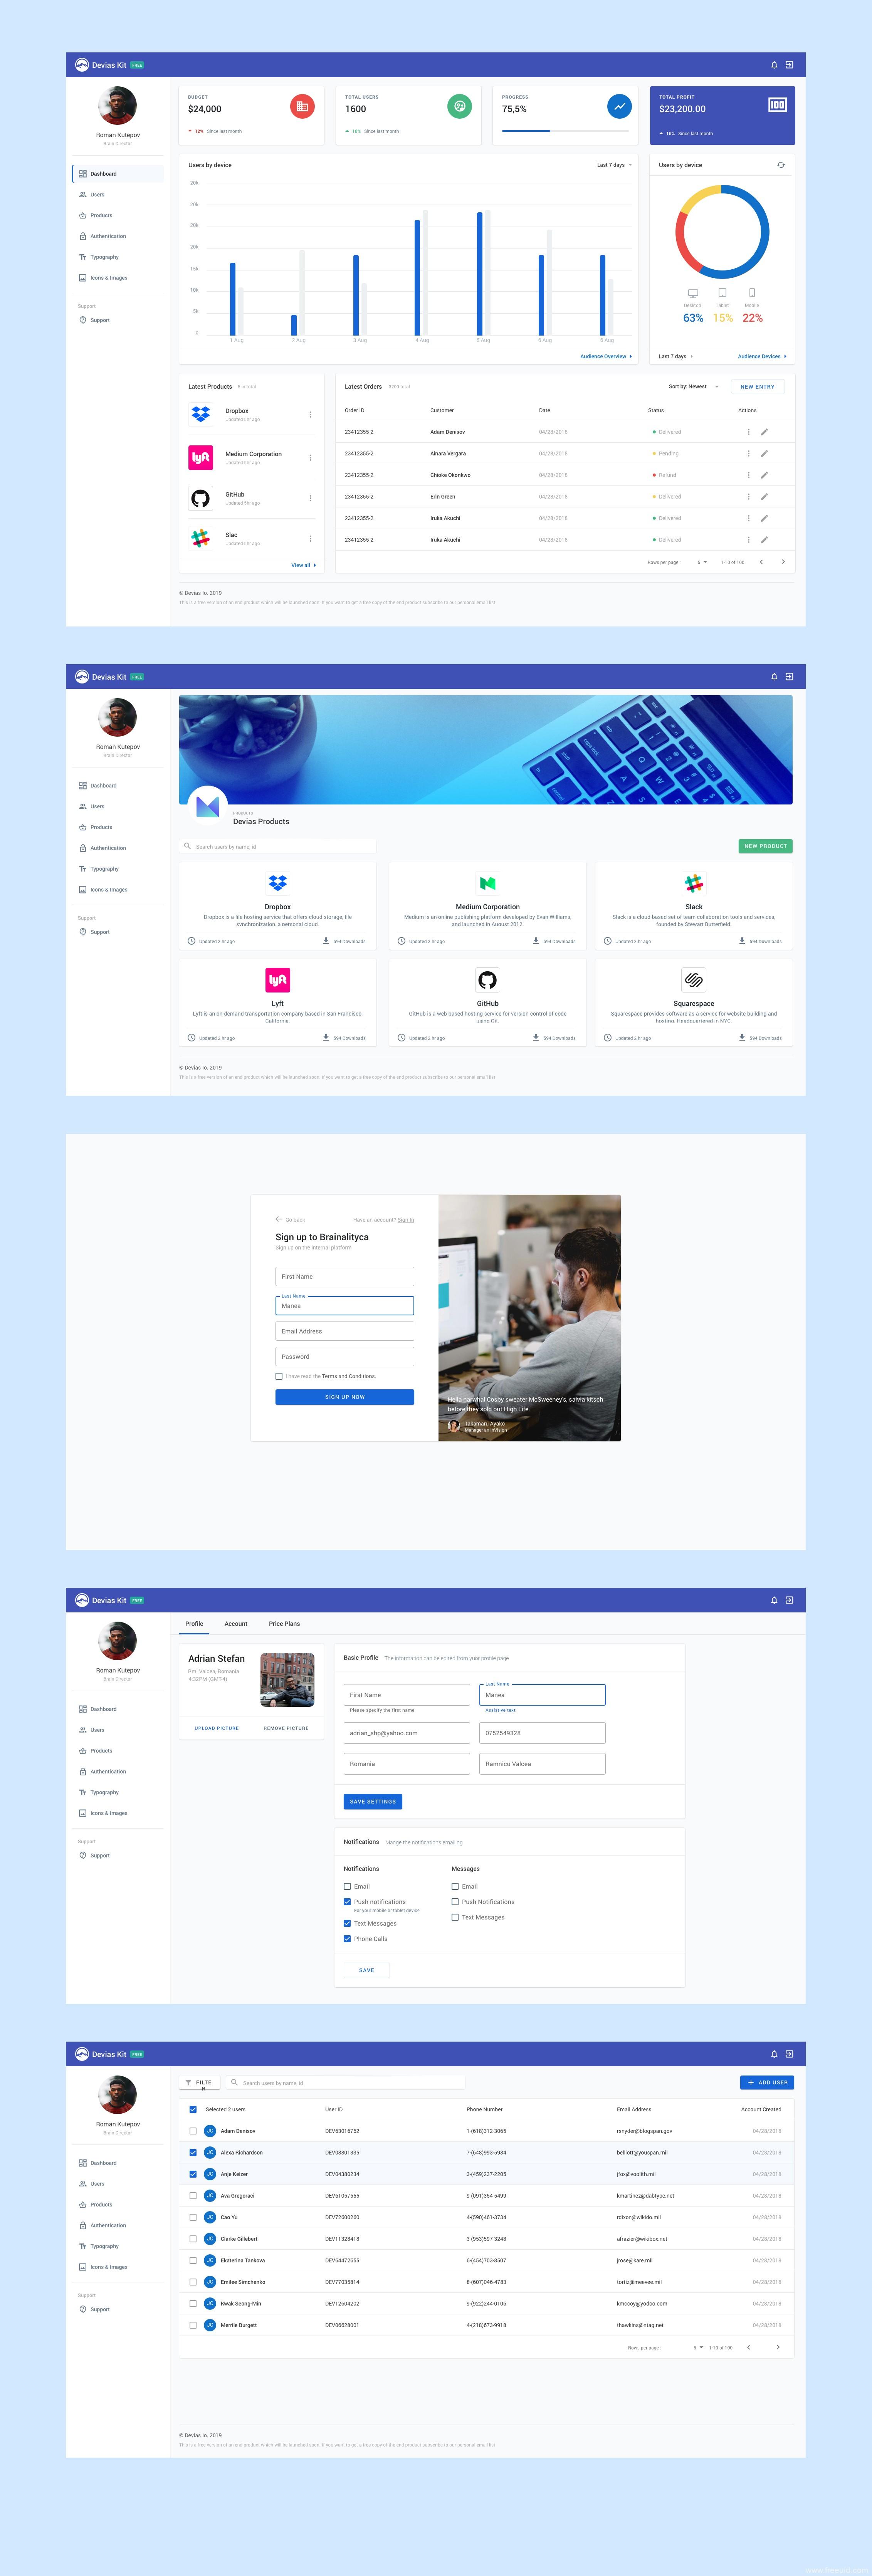 网站个人信息界面、网站后台用户信息界面sketch源文件下载